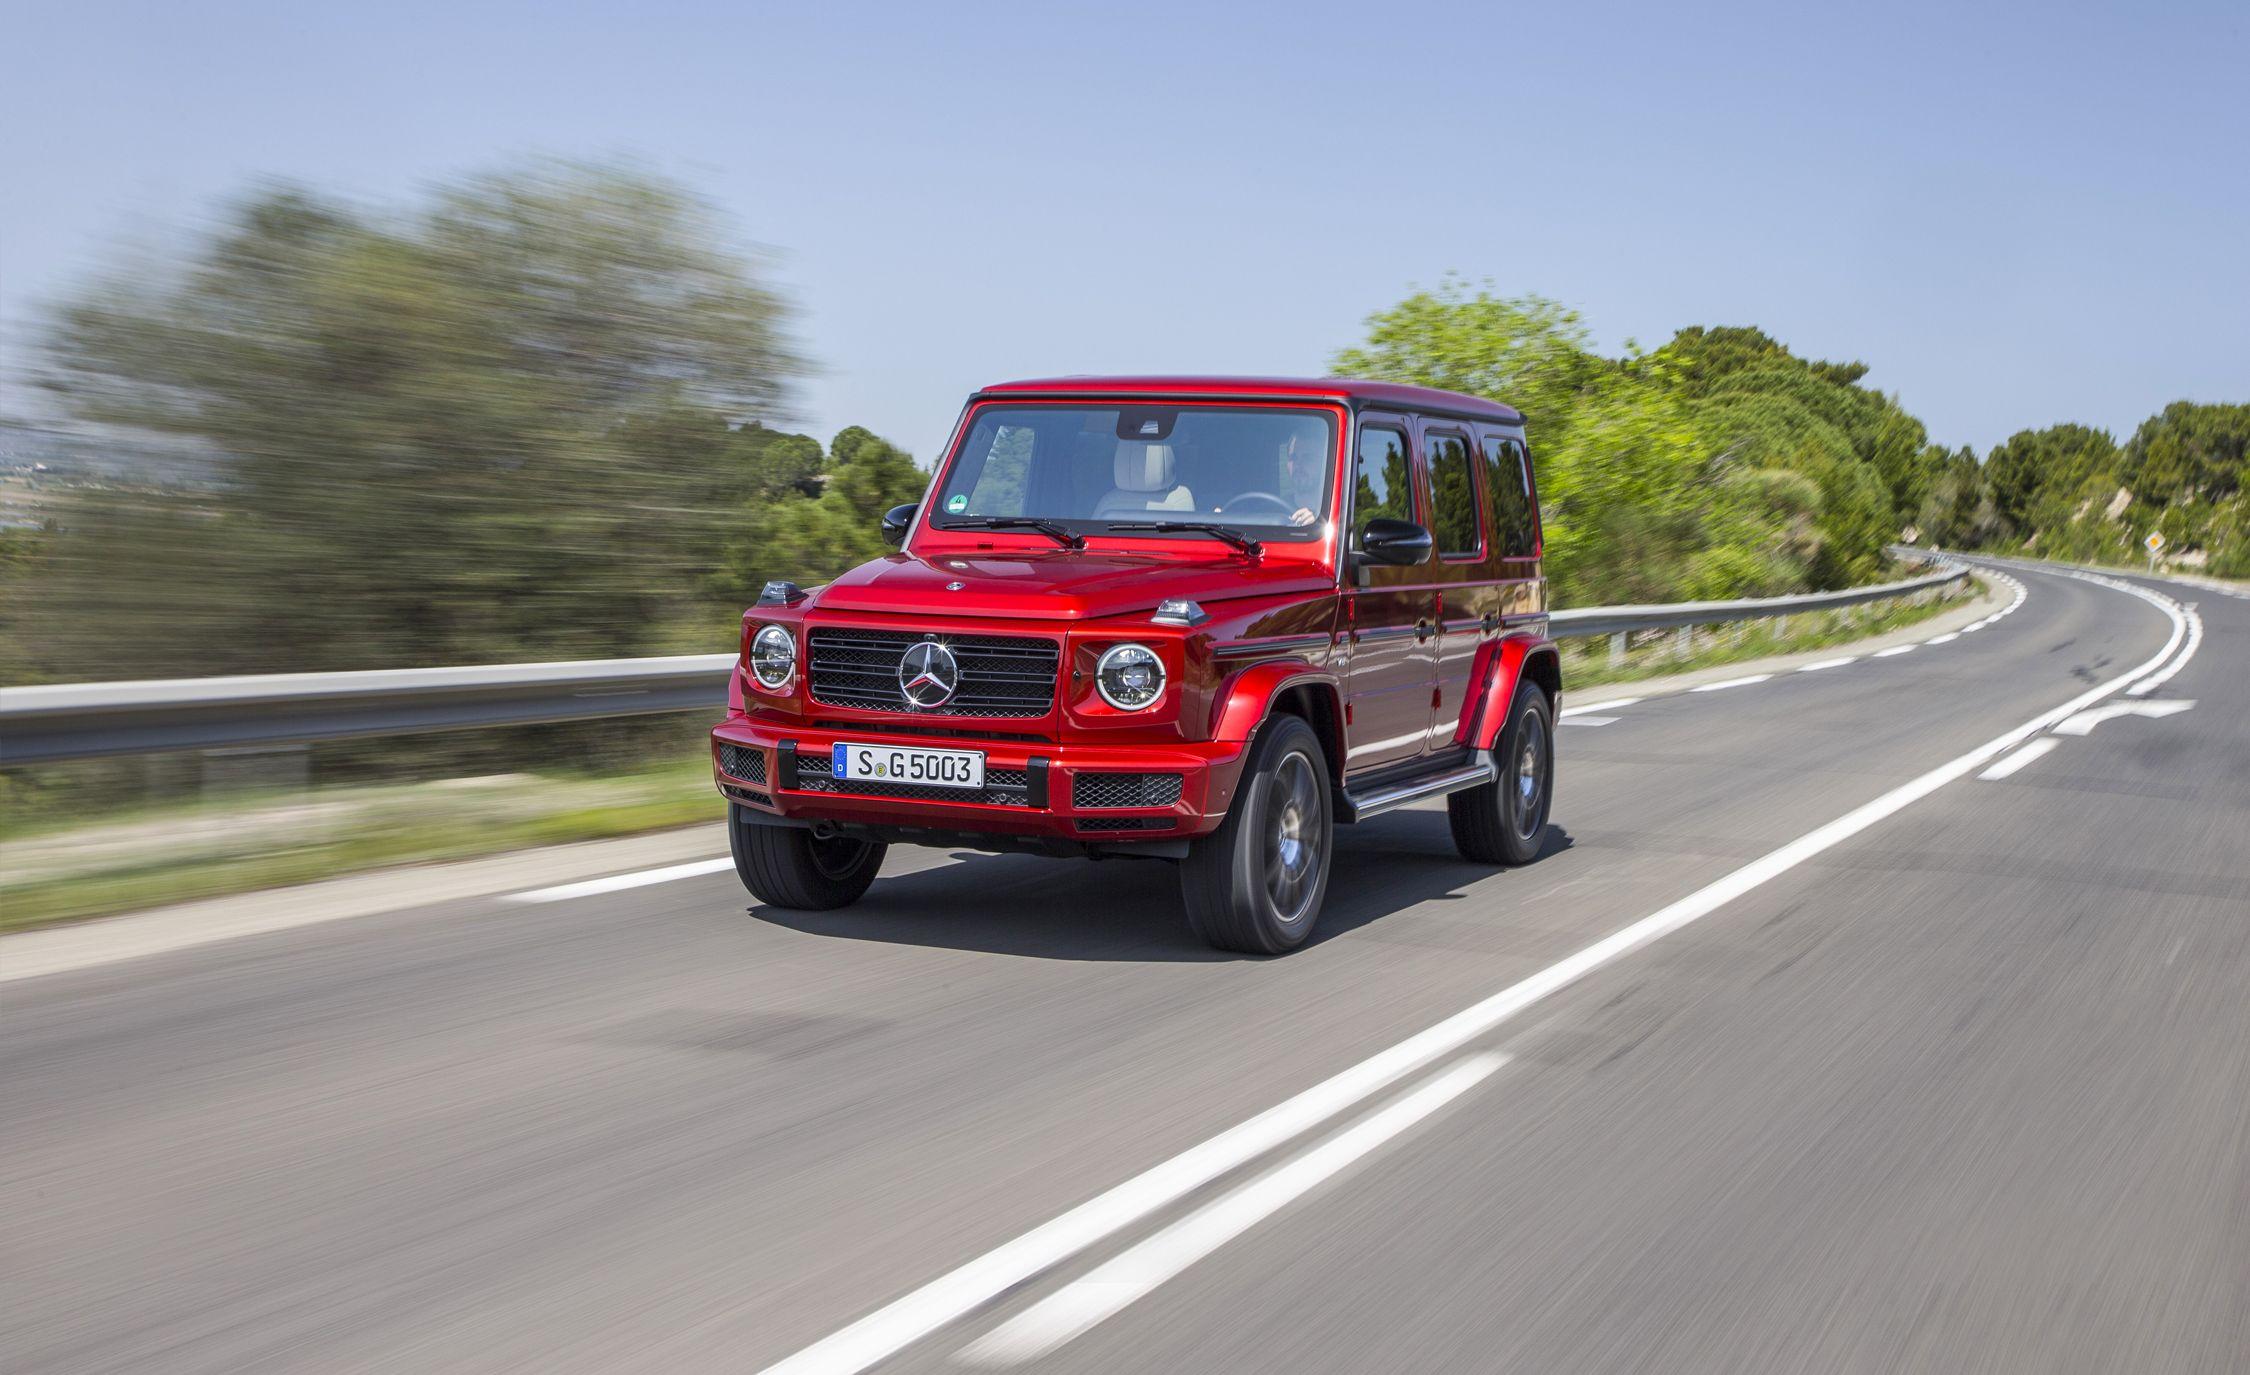 2020 Mercedes-Benz G-Class: Design, Specs, Price >> 2019 Mercedes Benz G Class Driven Less Crazy Still Outrageous